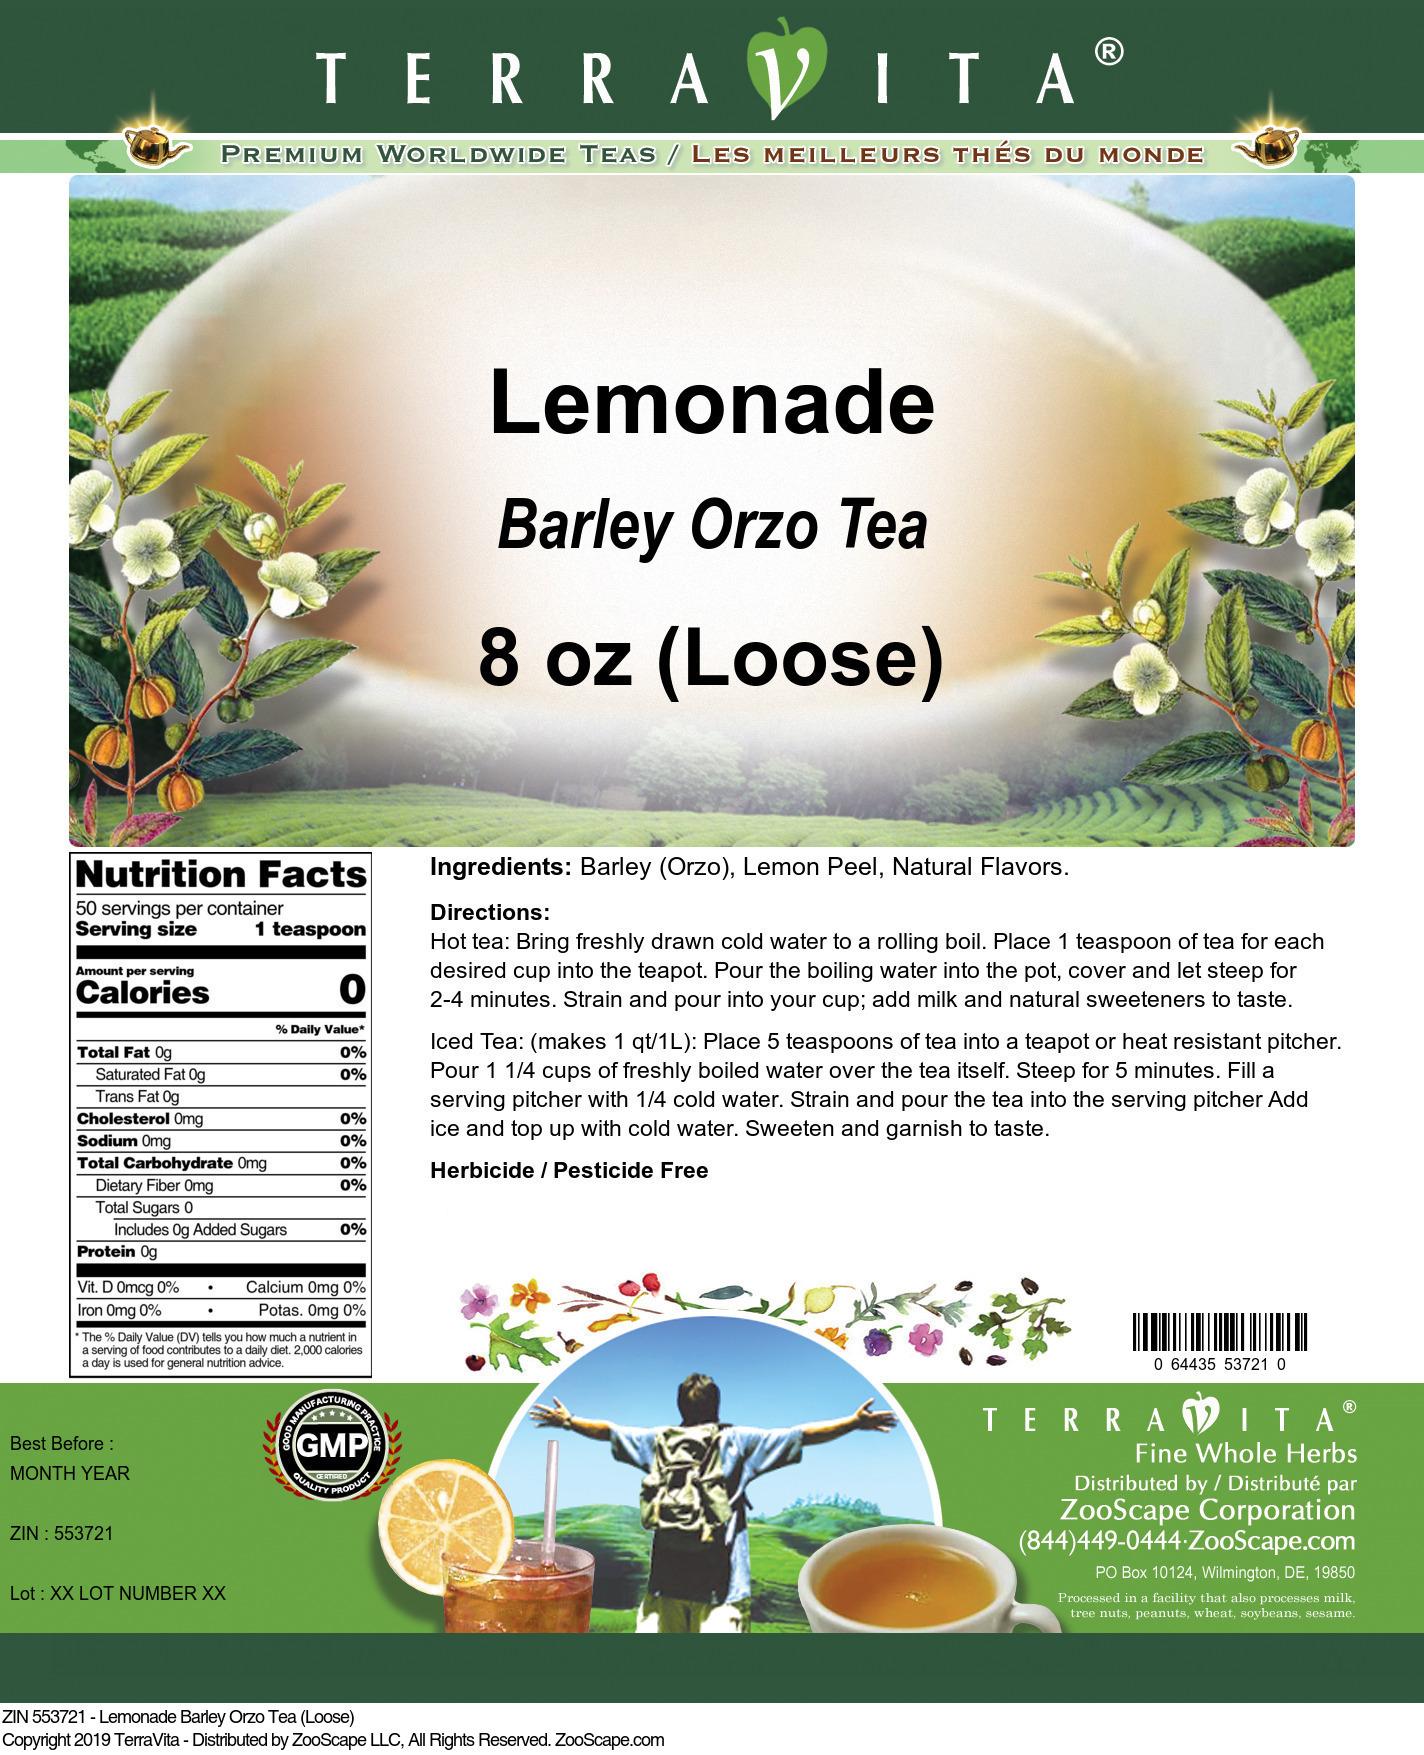 Lemonade Barley Orzo